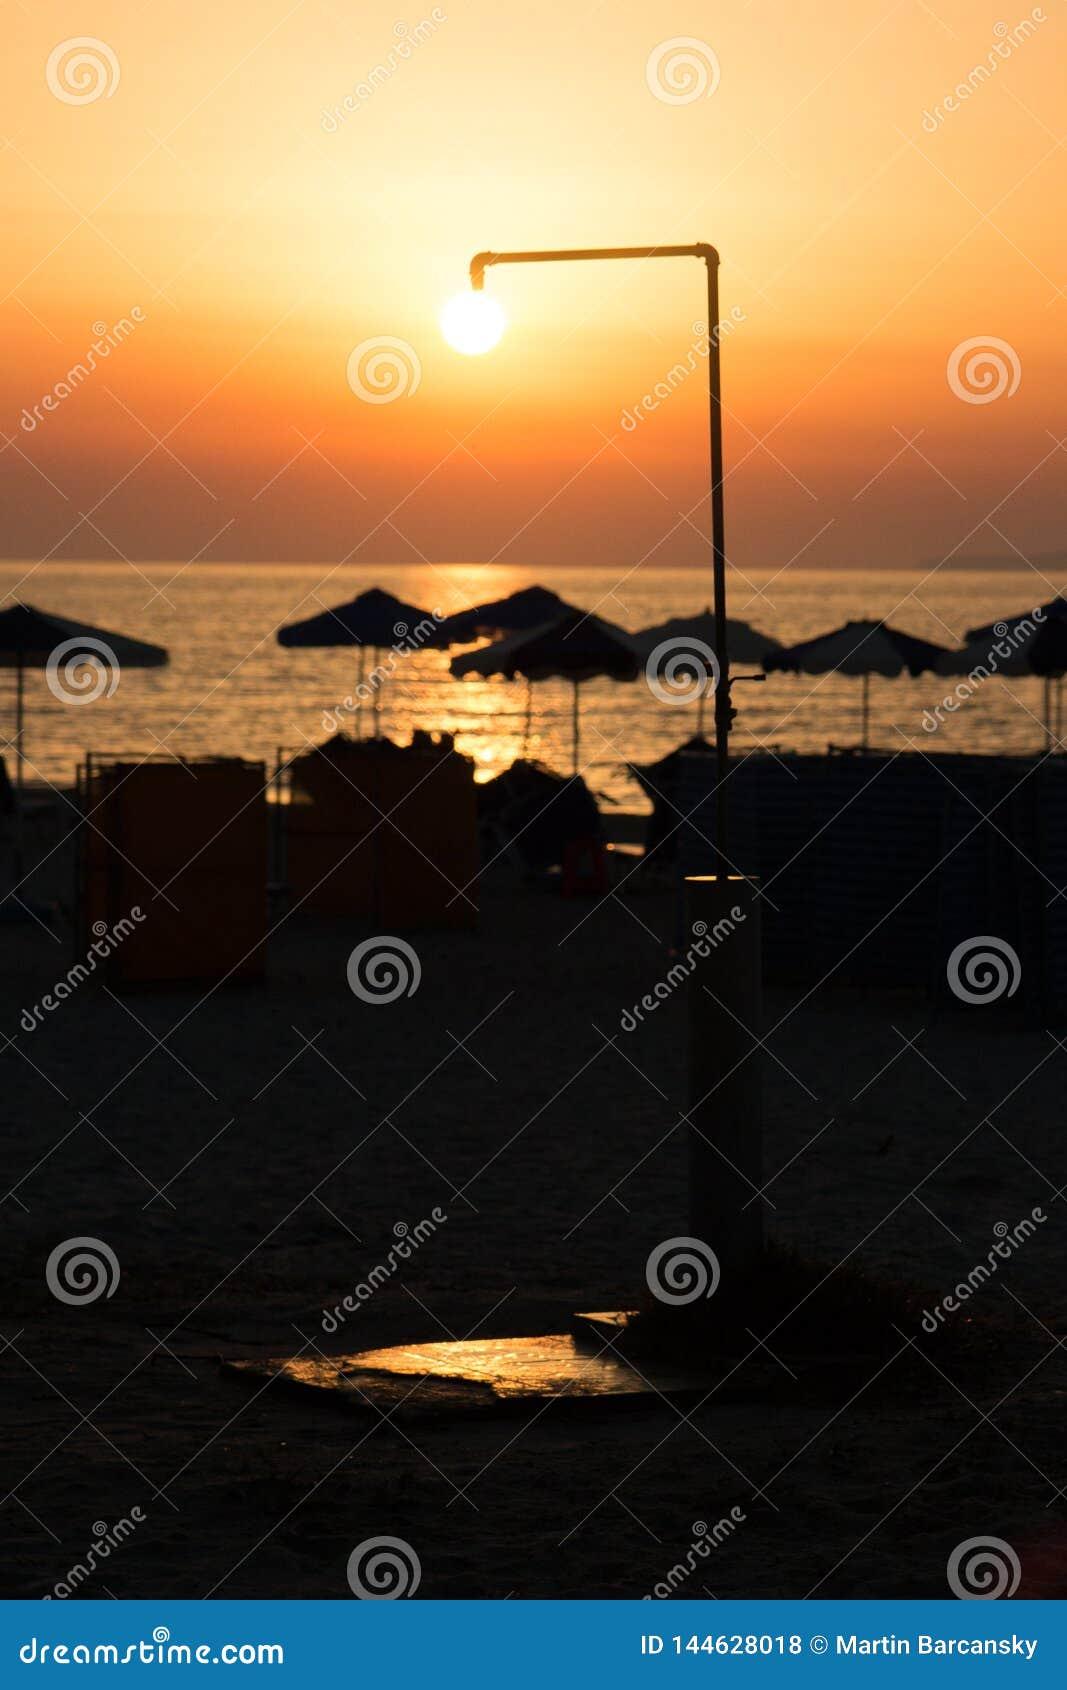 Zondouche over strand